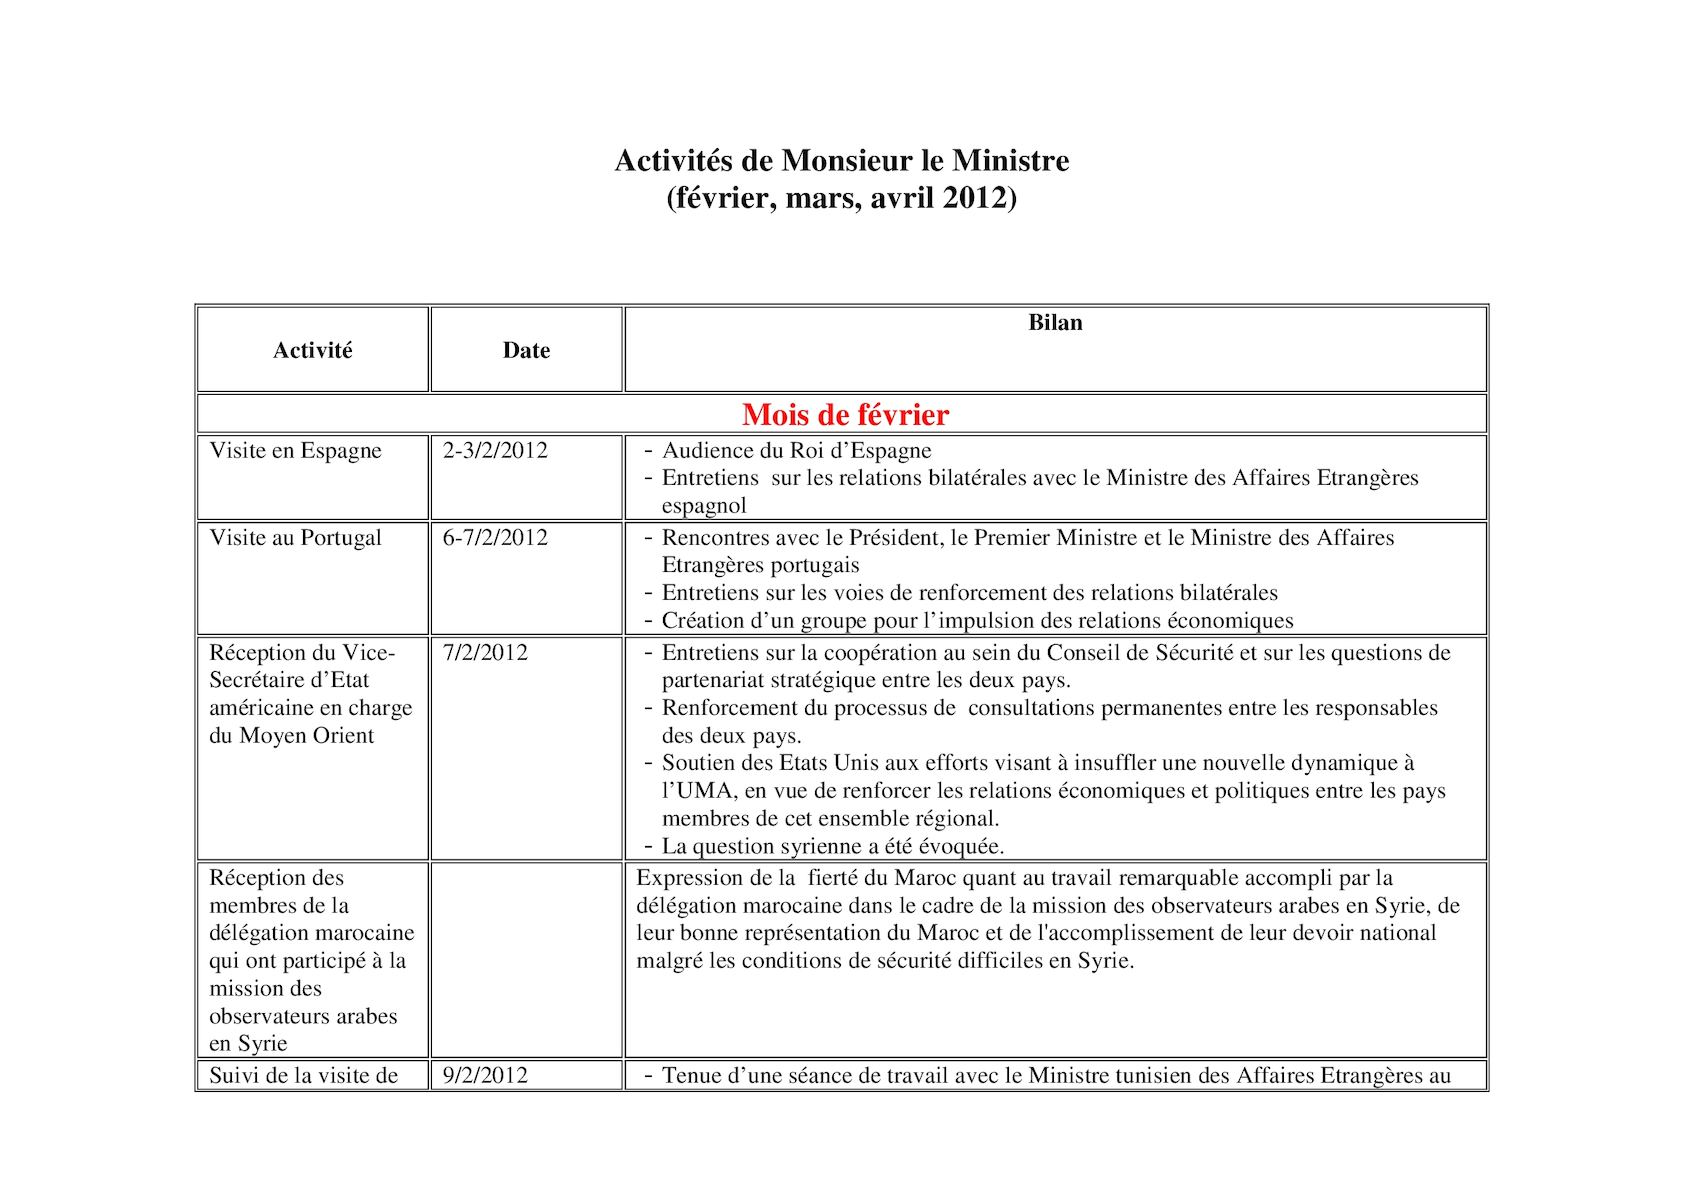 Bilan Activités Monsieur Le Ministre 2012